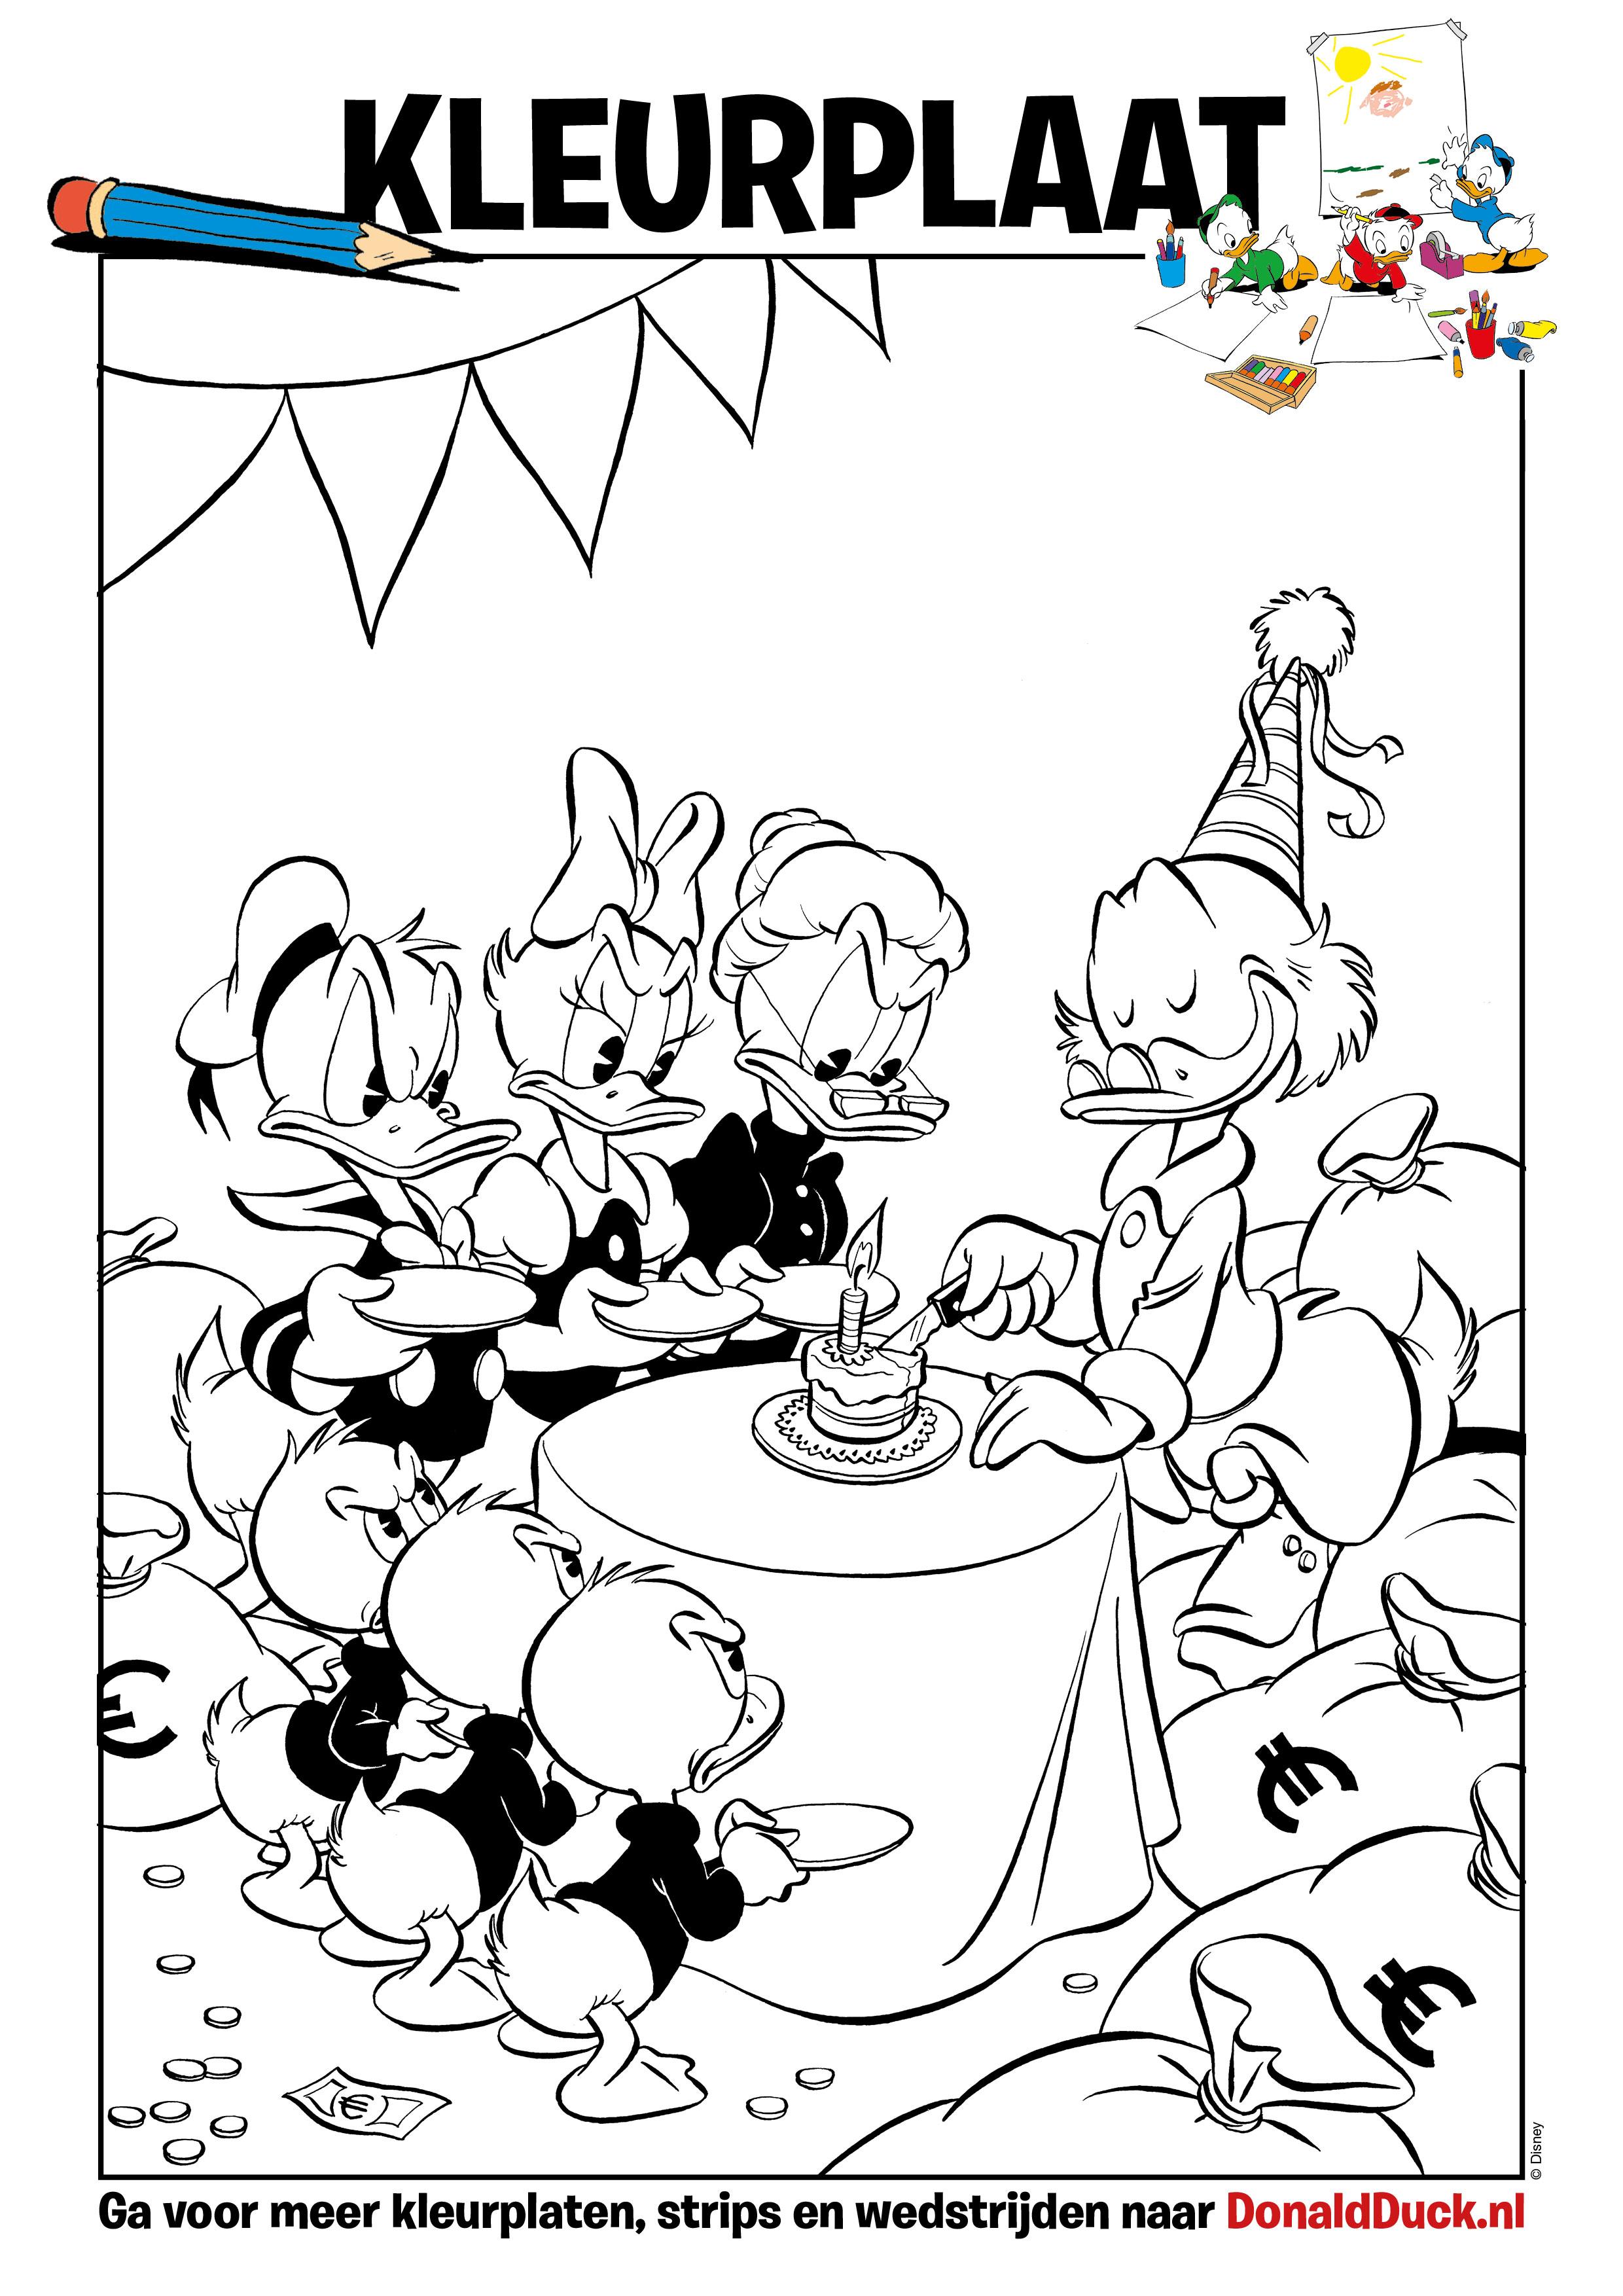 kleurplaat verjaardag donald duck